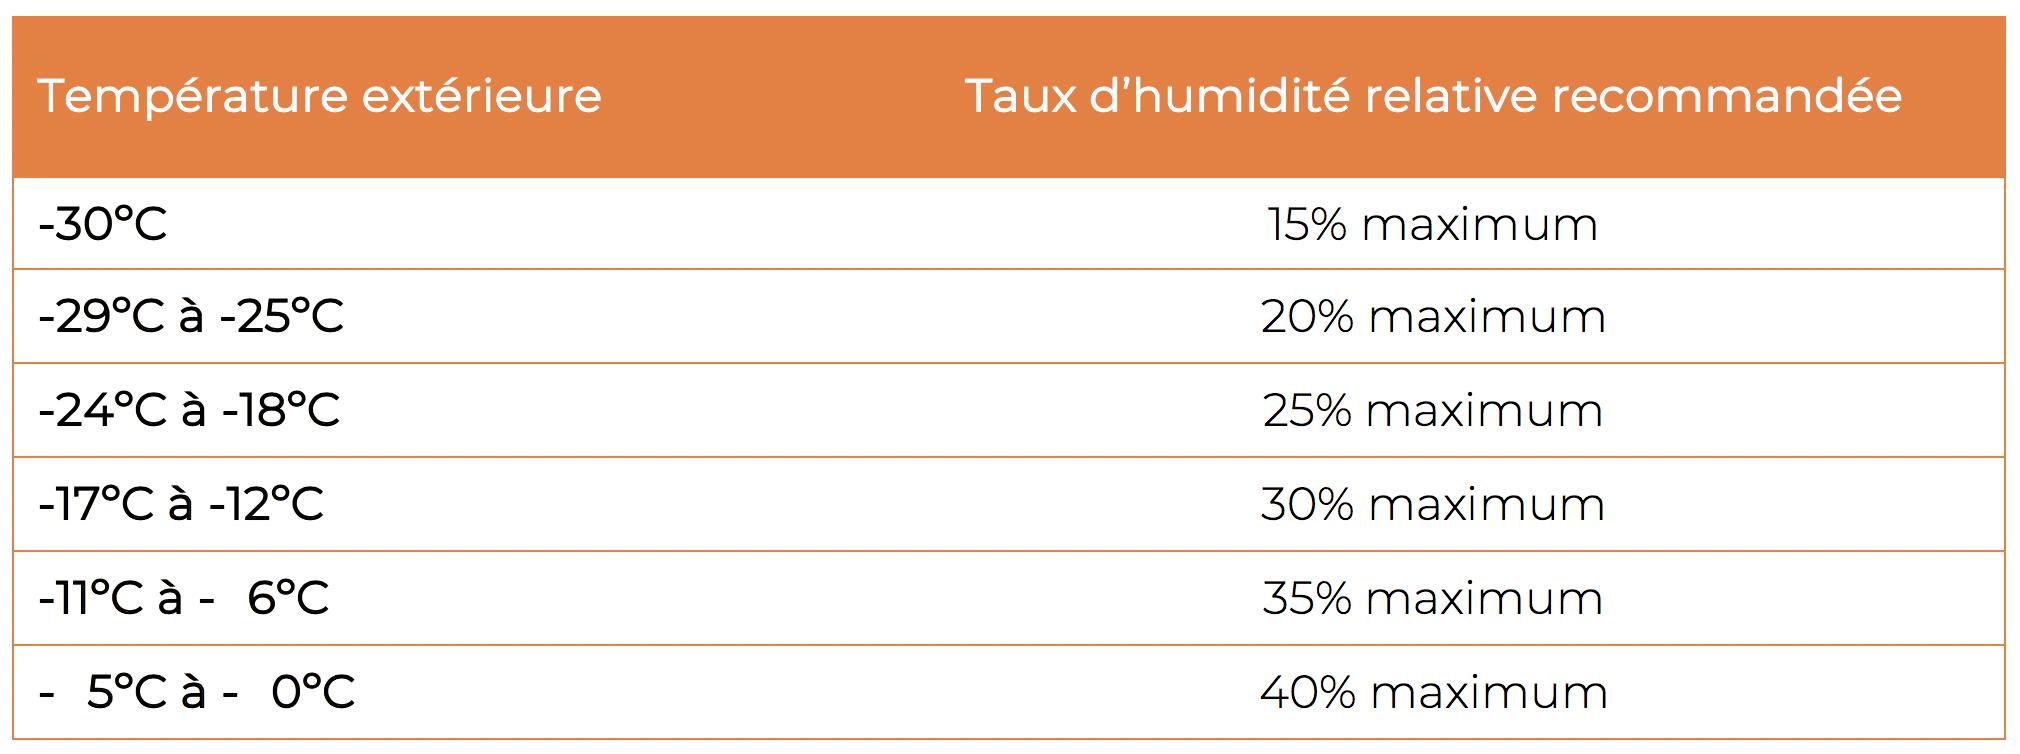 Decembre 2018 Comprendre La Condensation En 3 Etapes Fenetres Lajeunesse